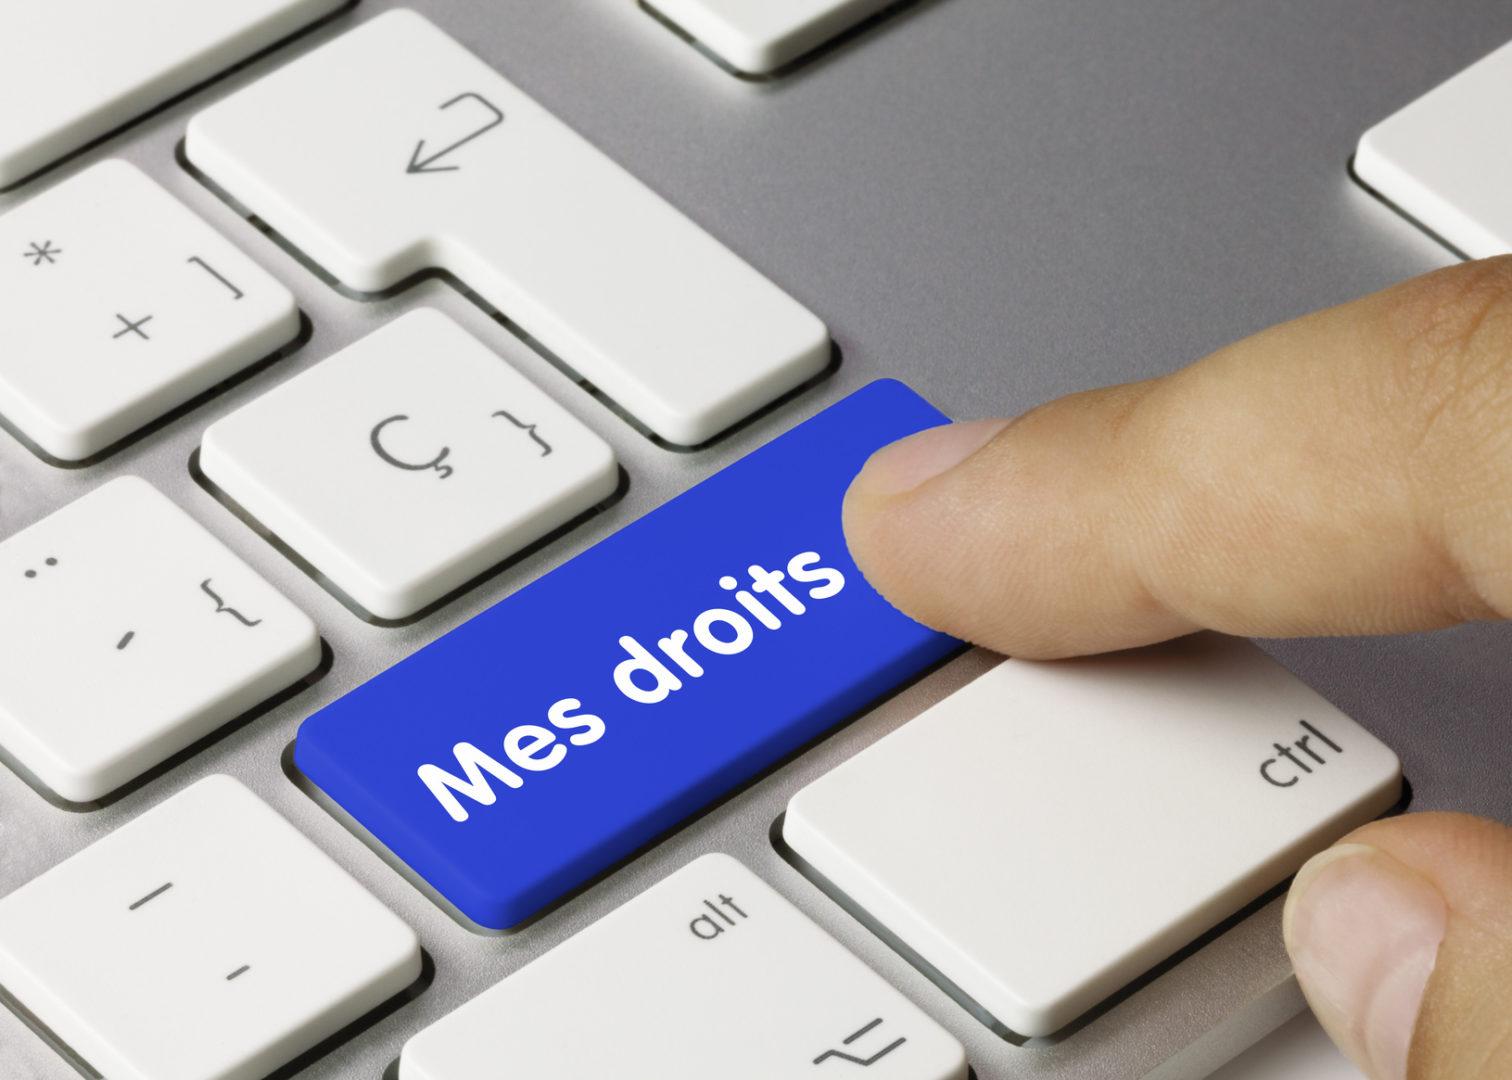 mes-droist